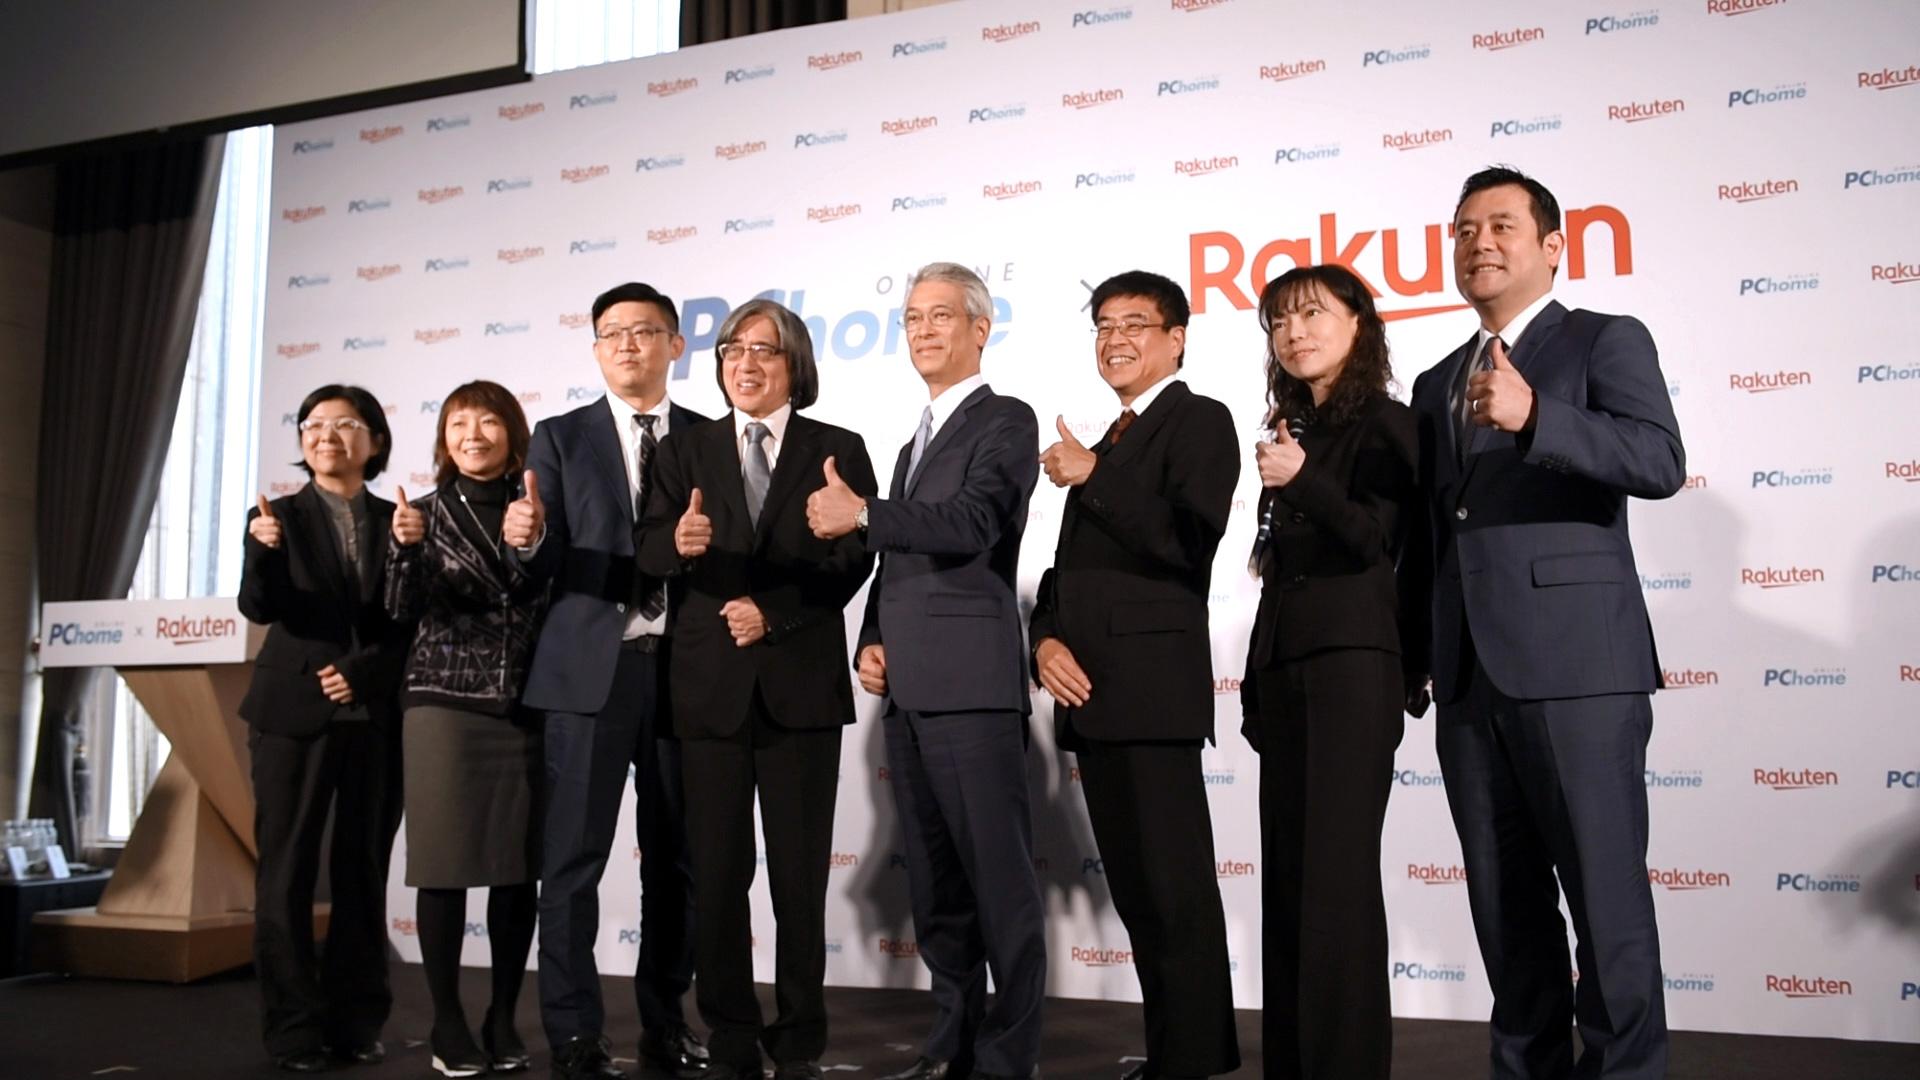 楽天と台湾のPChome Eコマースの業務提携を締結